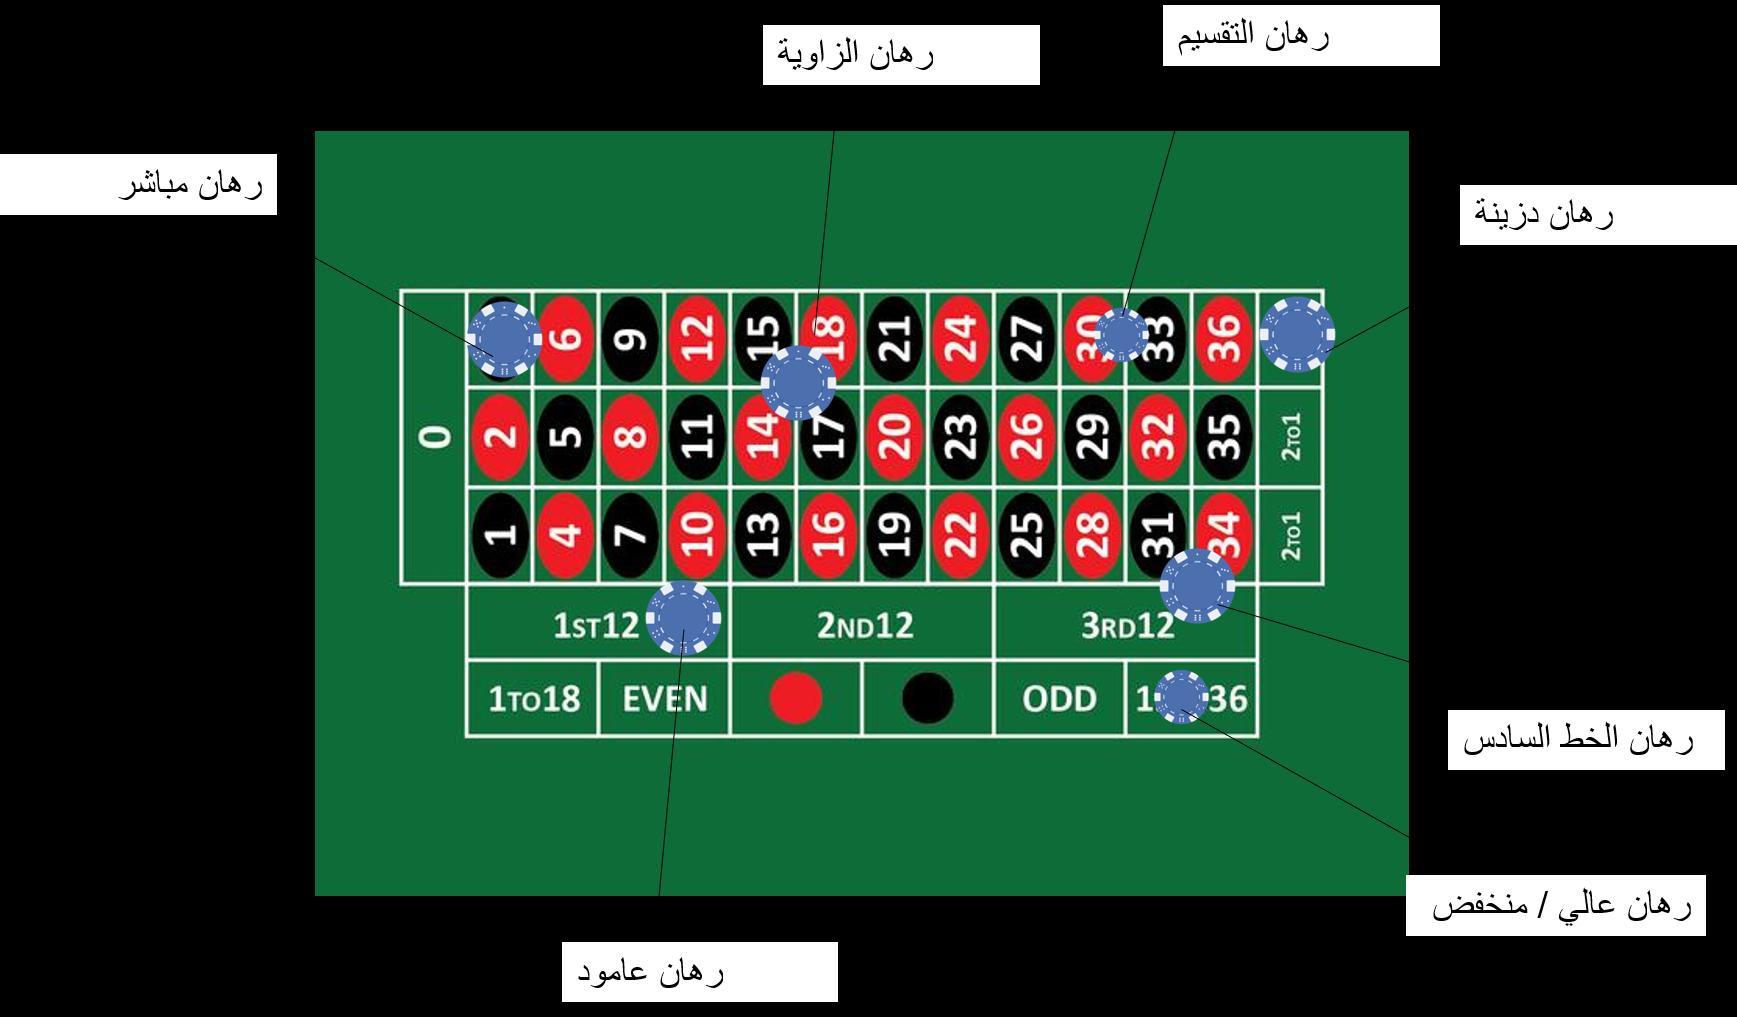 العب روليت - 61921